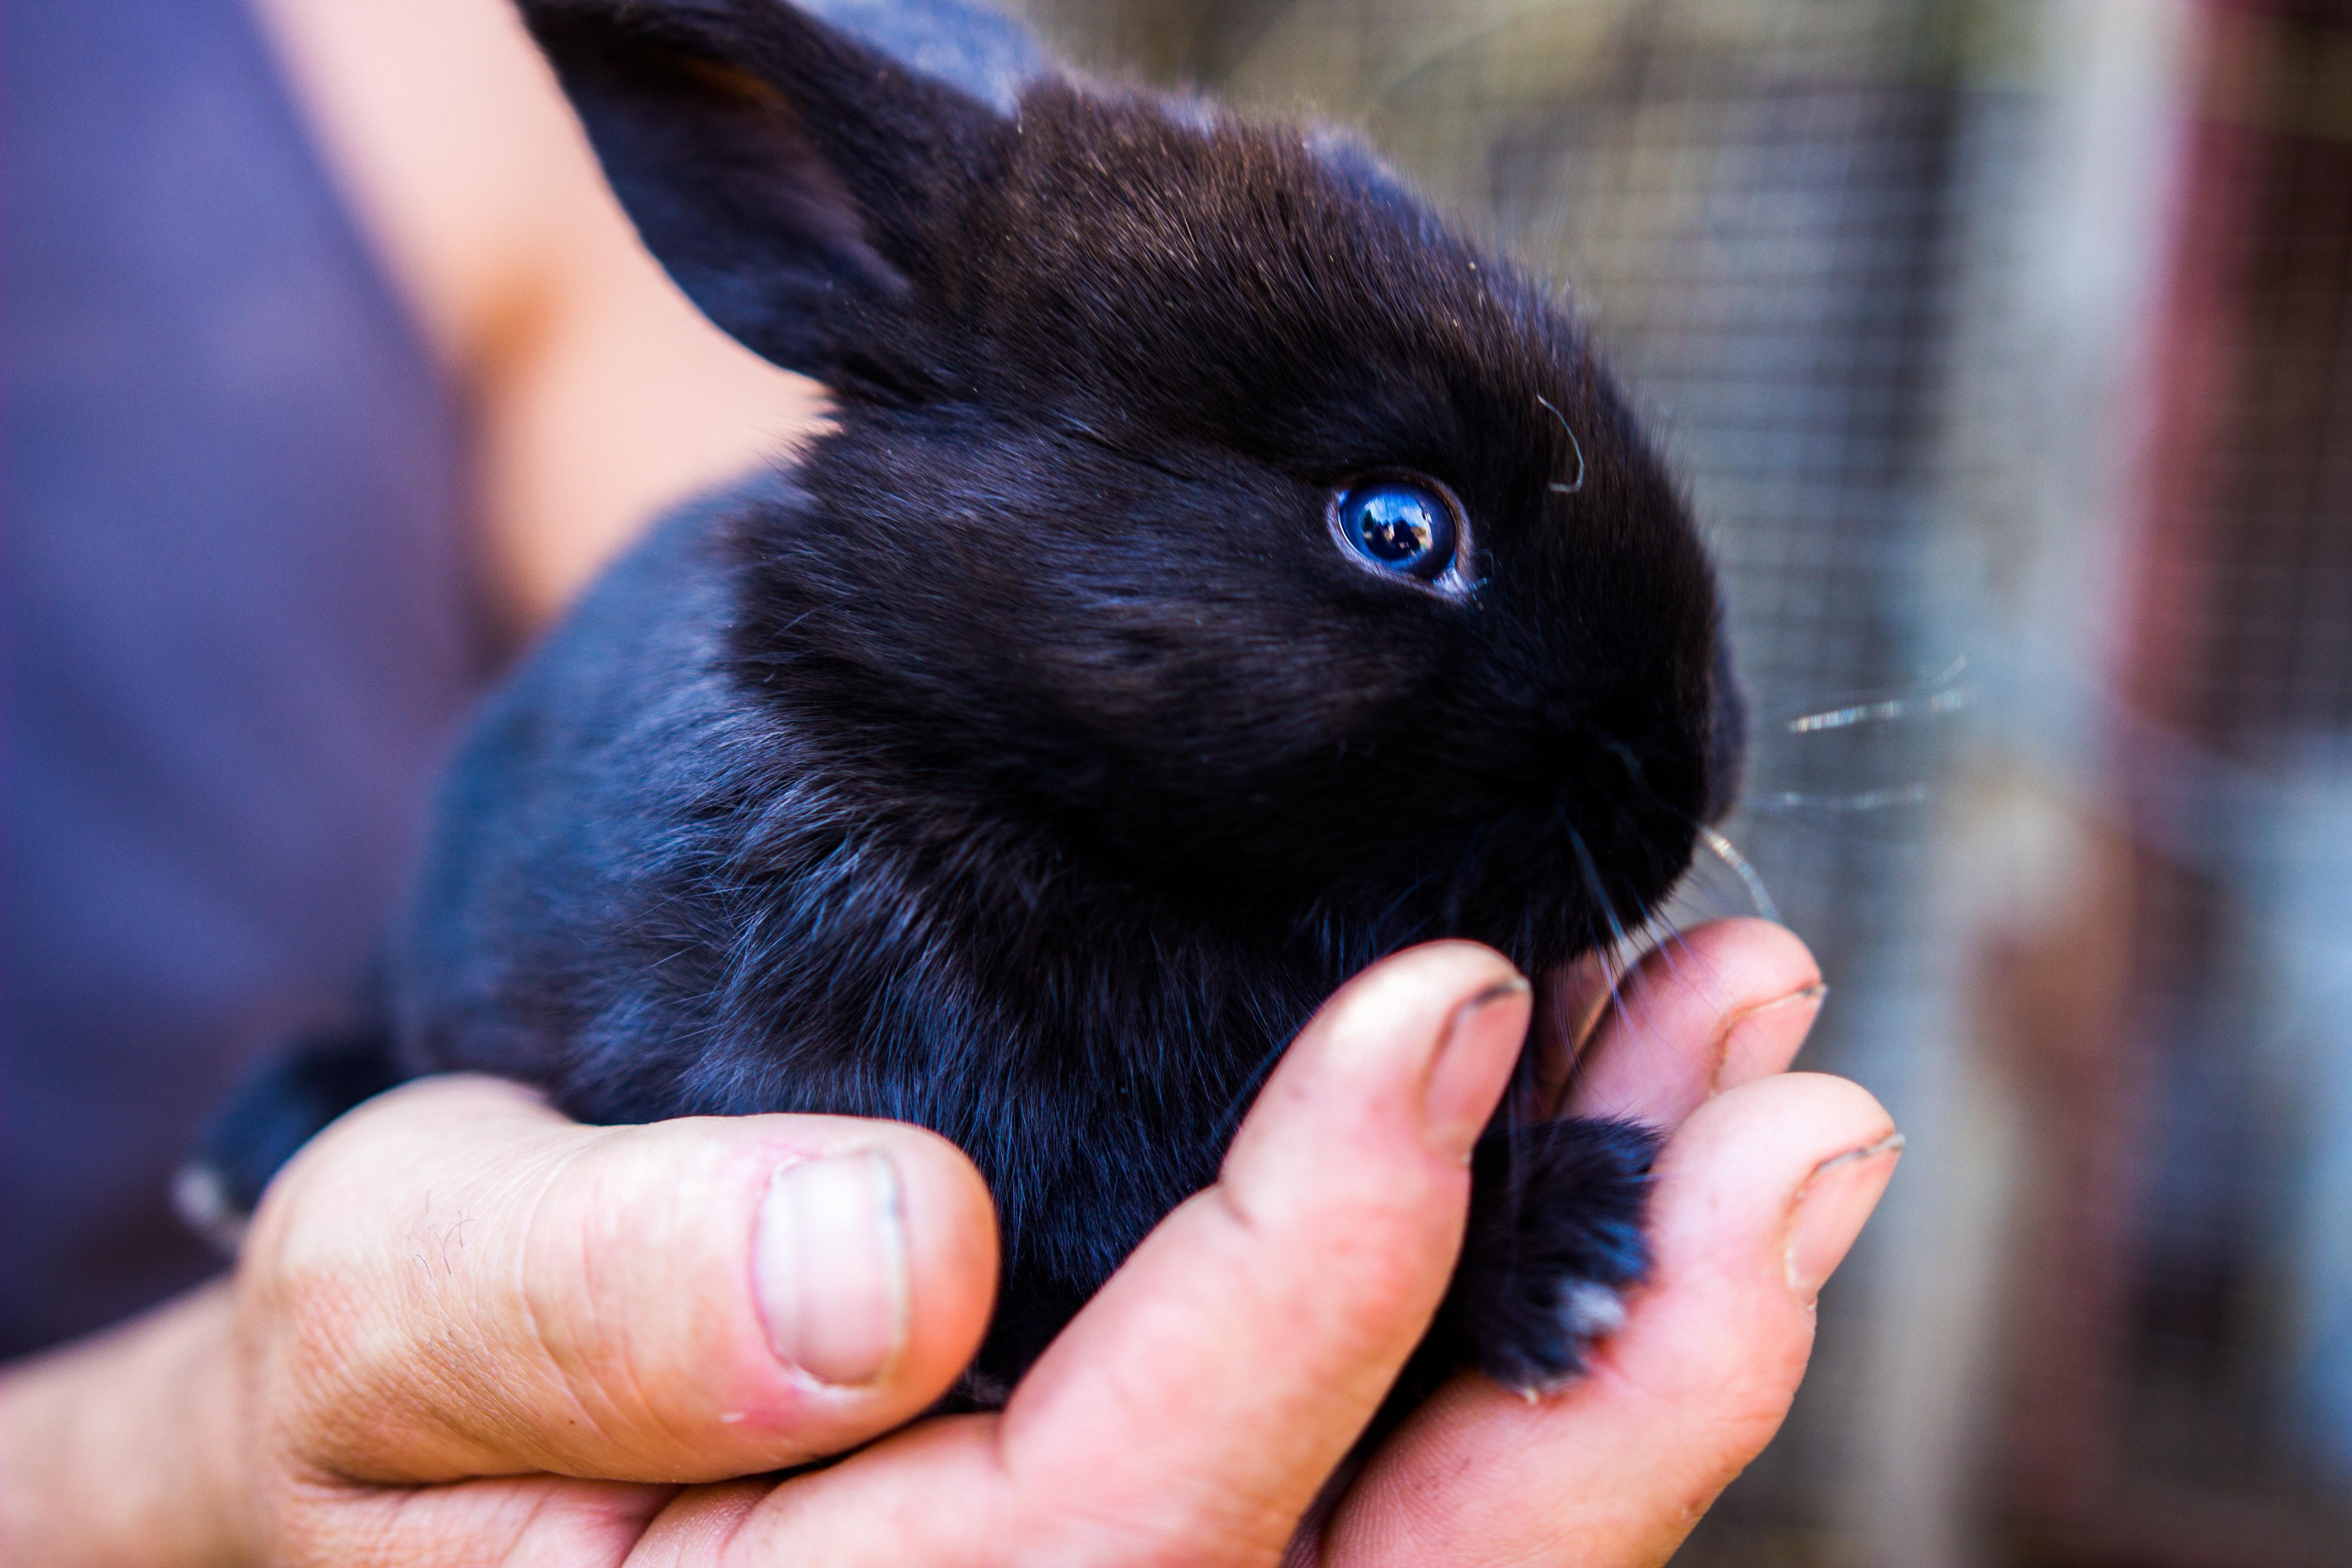 adorable-animal-black-2389073